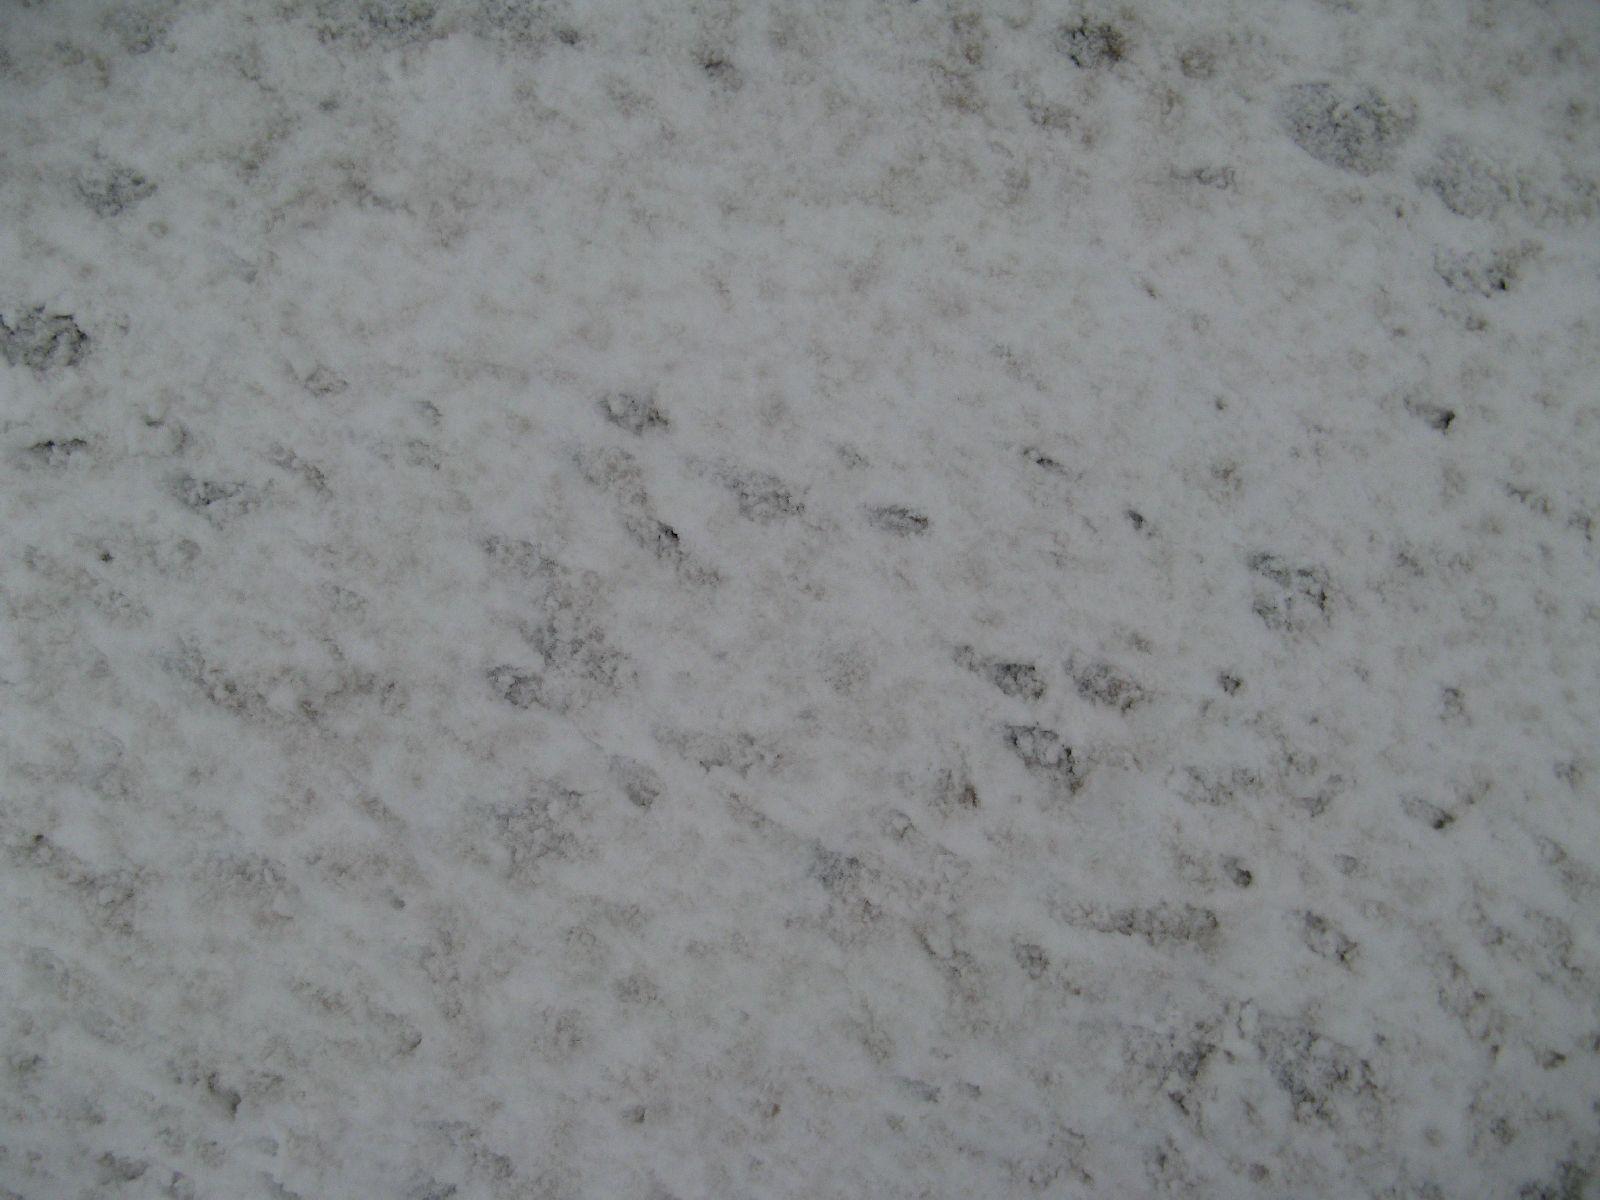 Snow_Texture_B_5890